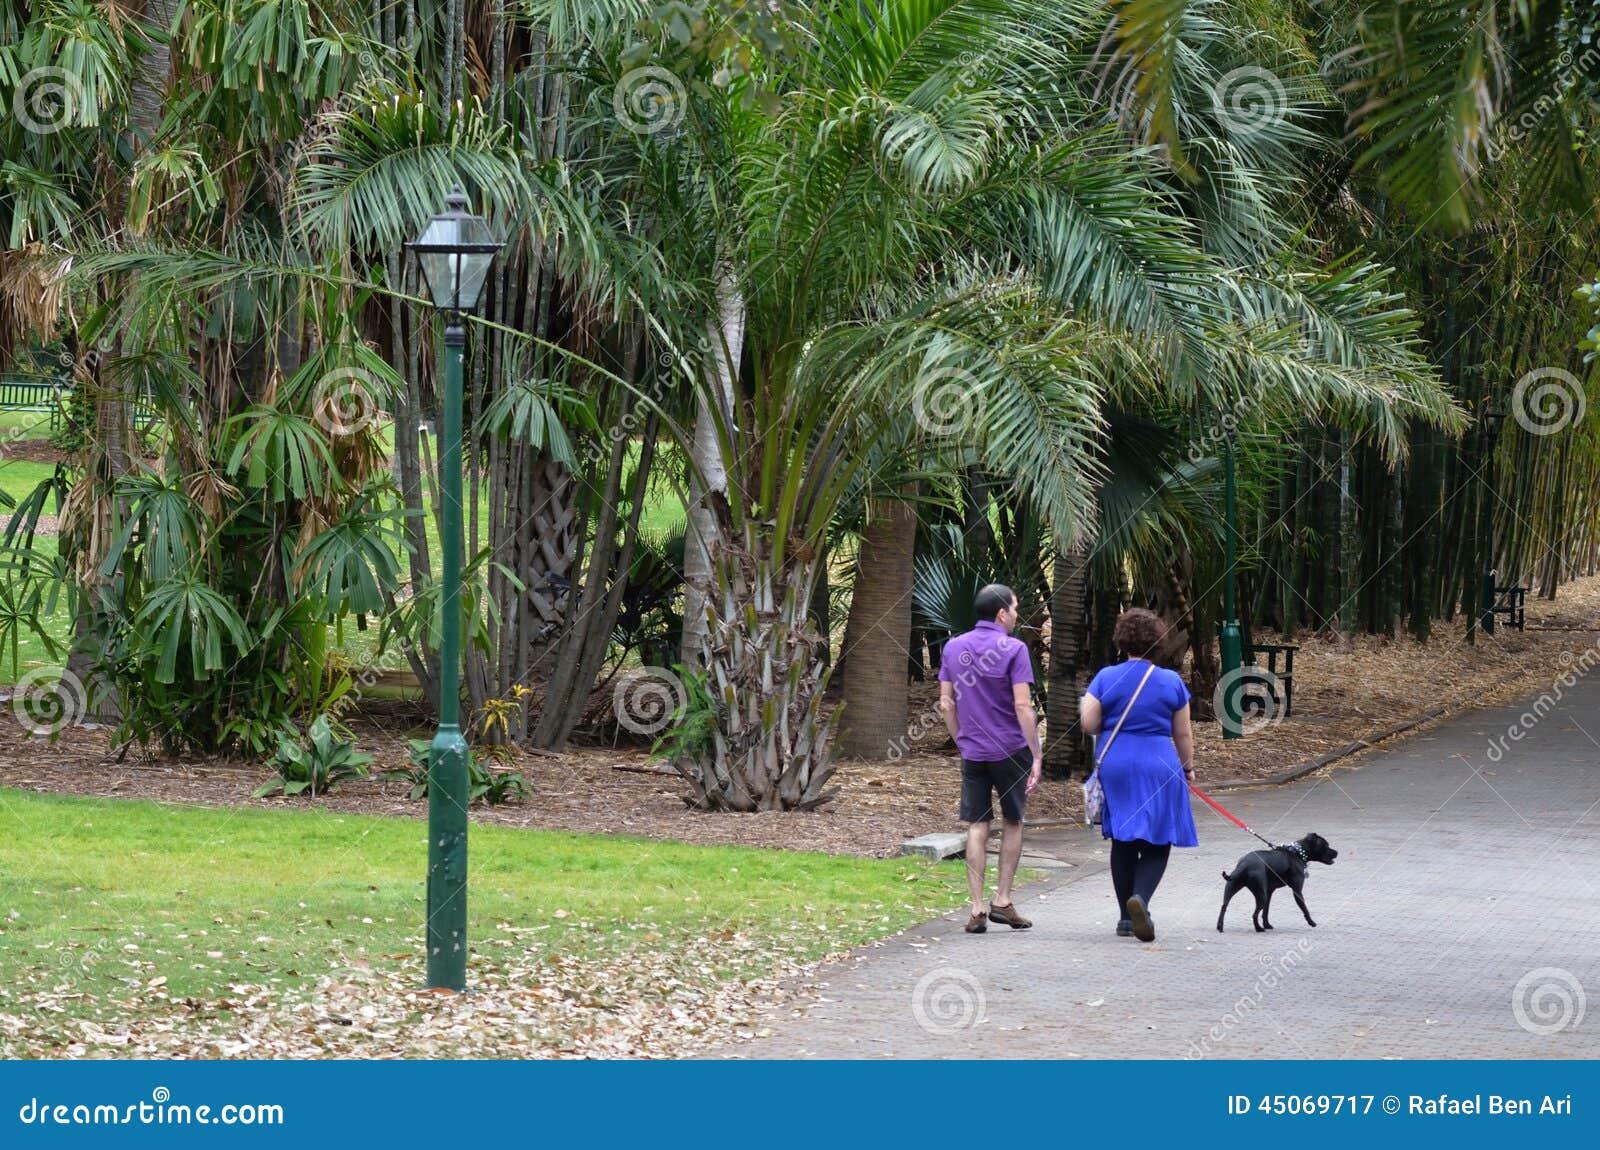 Date and time.com in Brisbane